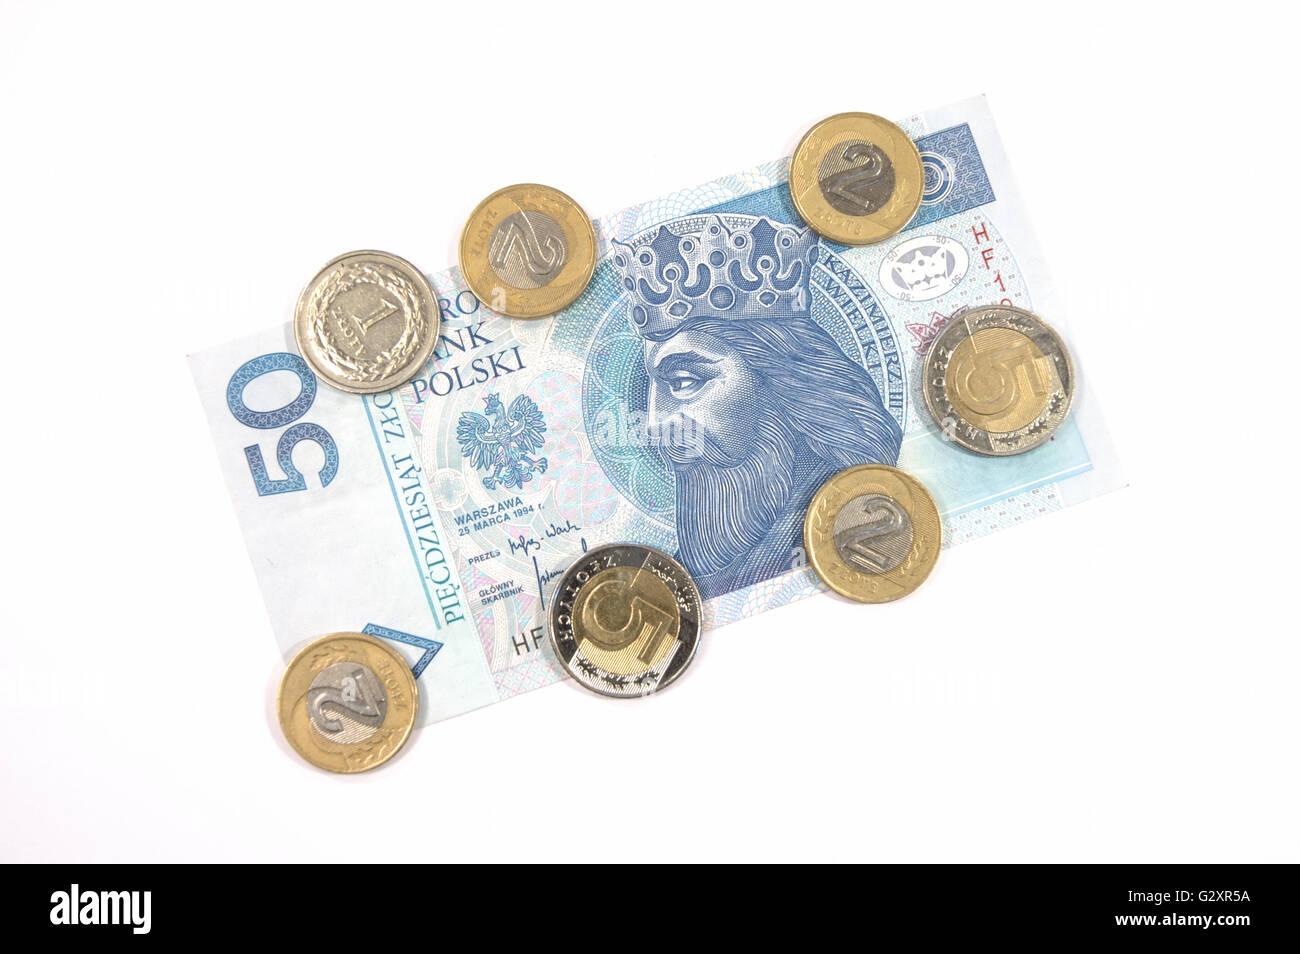 Geld Polnische Währung 50 Zloty Banknoten Und Münzen Stockfoto